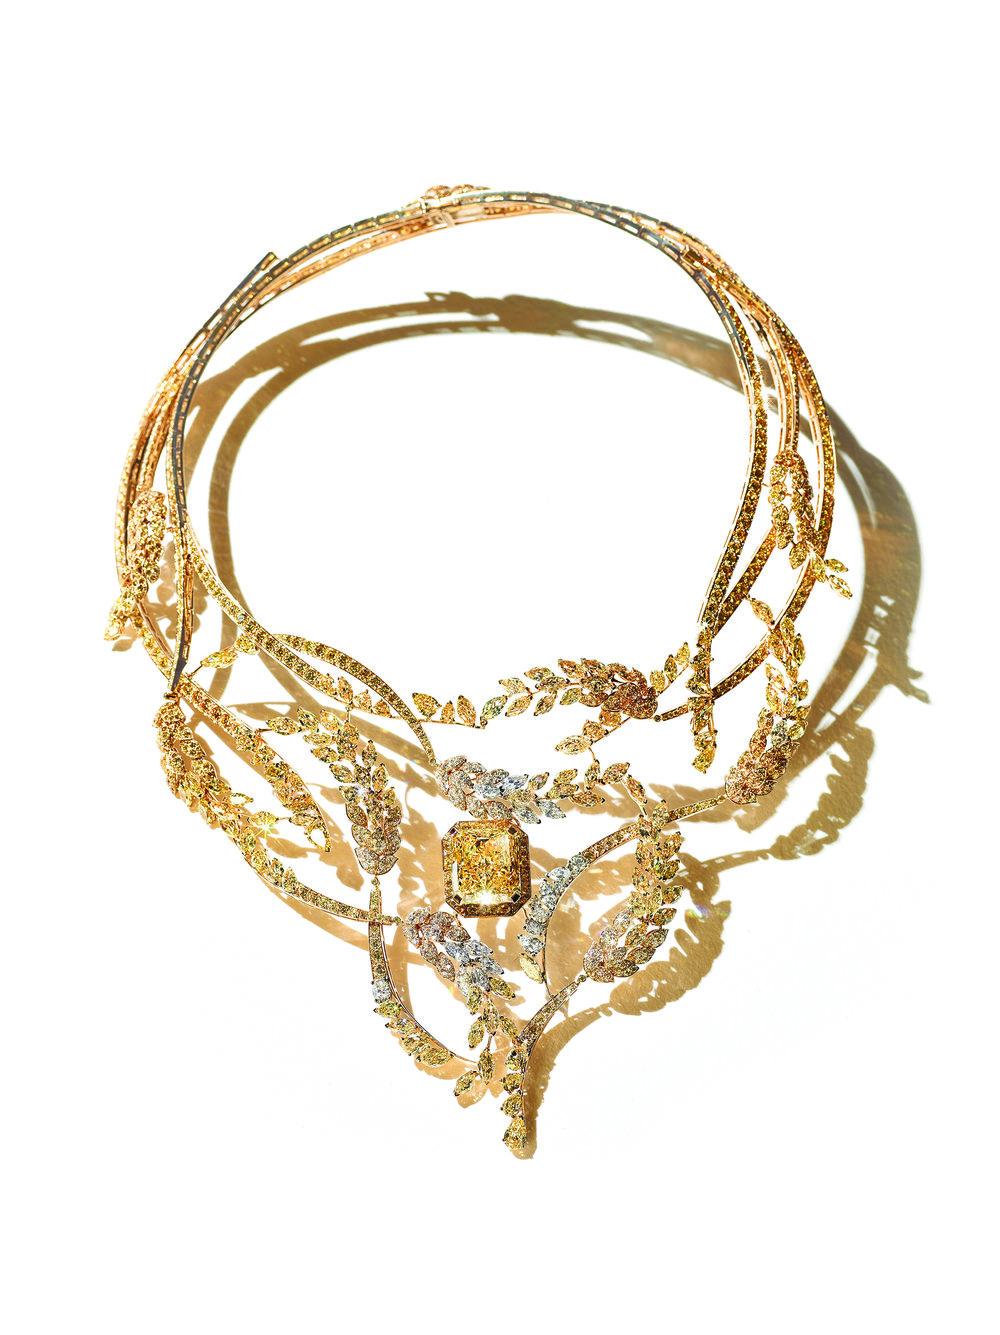 Fête des Moissons系列,18K白、黃金項鏈,中央鑲嵌一顆25克拉長方形切割黃鑽,點綴有明亮式切割和欖尖形切割黃鑽和無色鑽石。